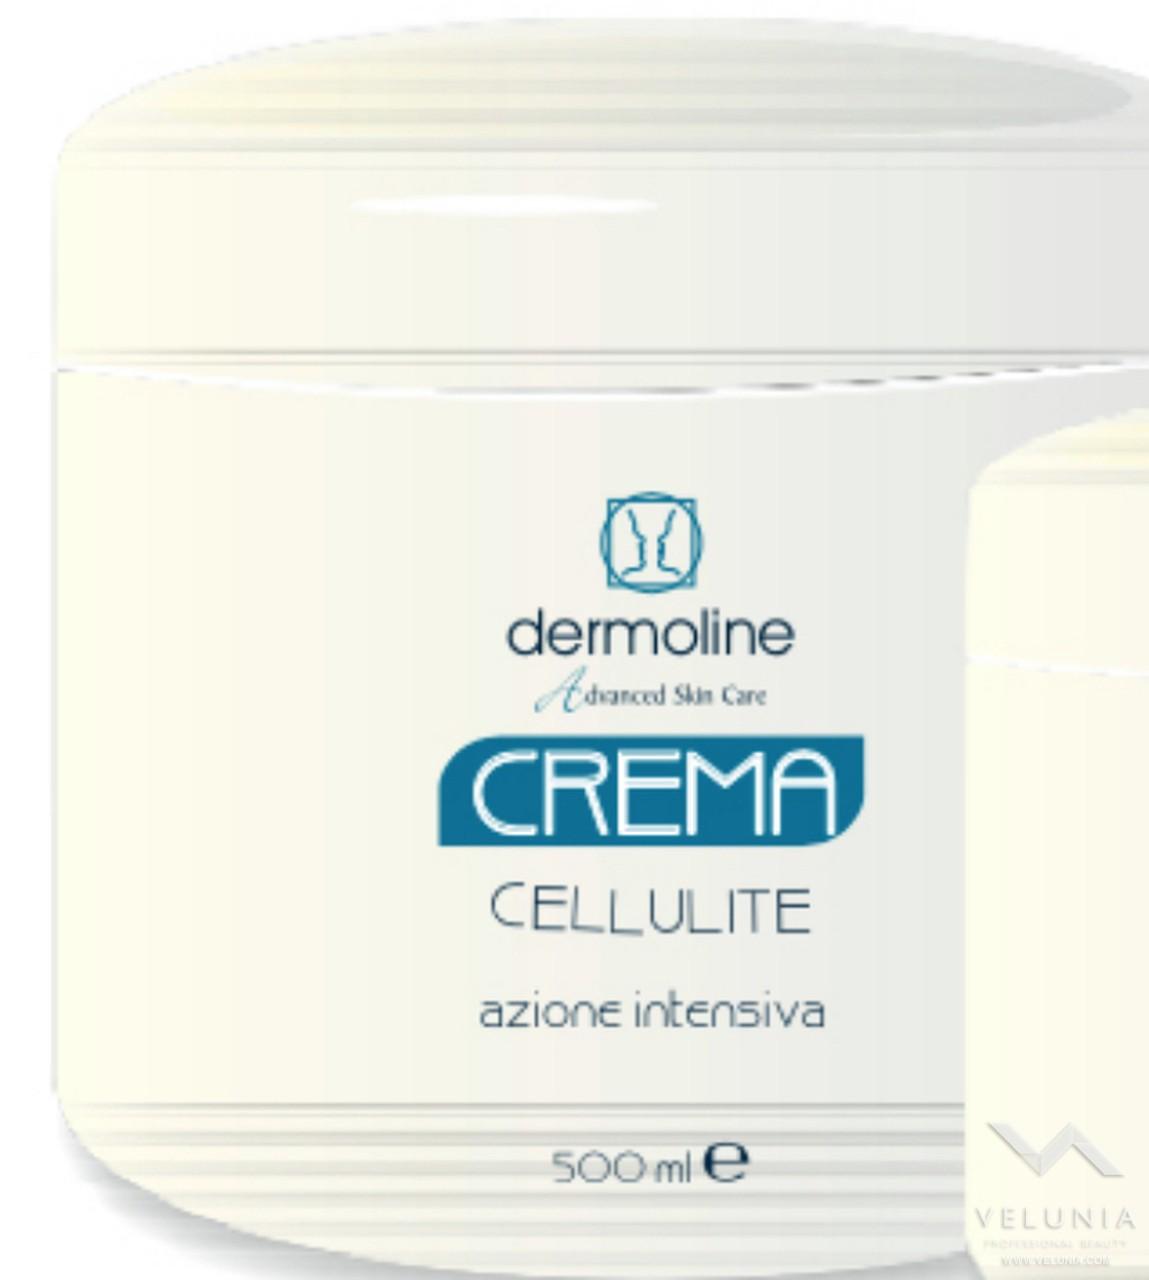 crema trattamento anticellulite azione intensiva 500ml a solo uso professionale 1